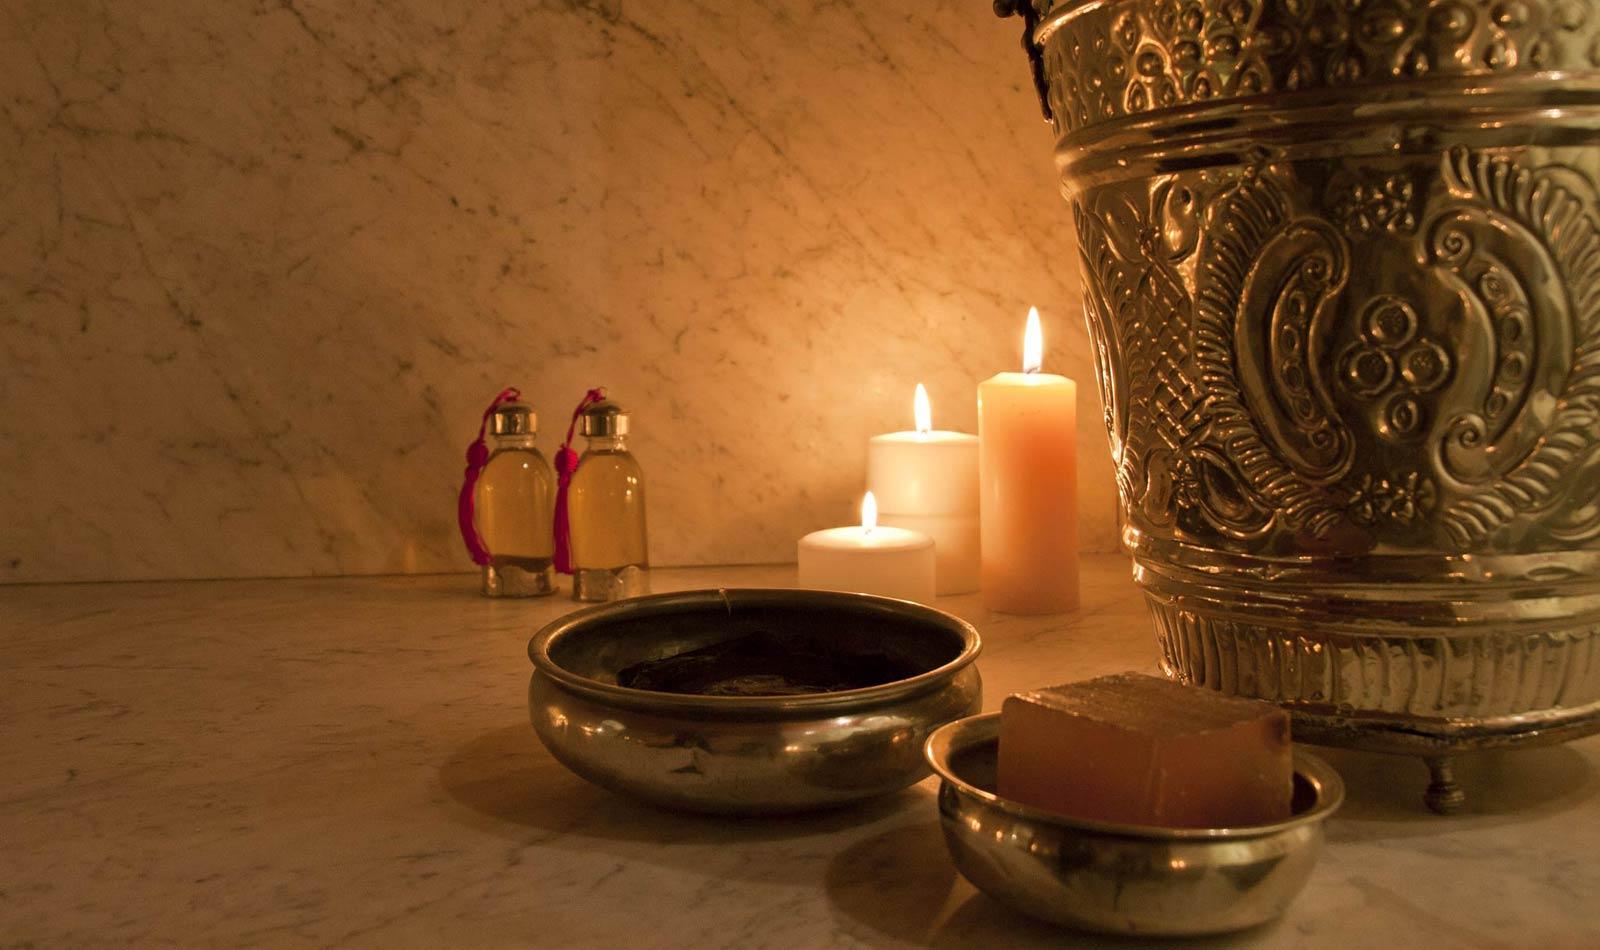 Le-Hammam-l-histoire-d-un-rituel-bien-garde